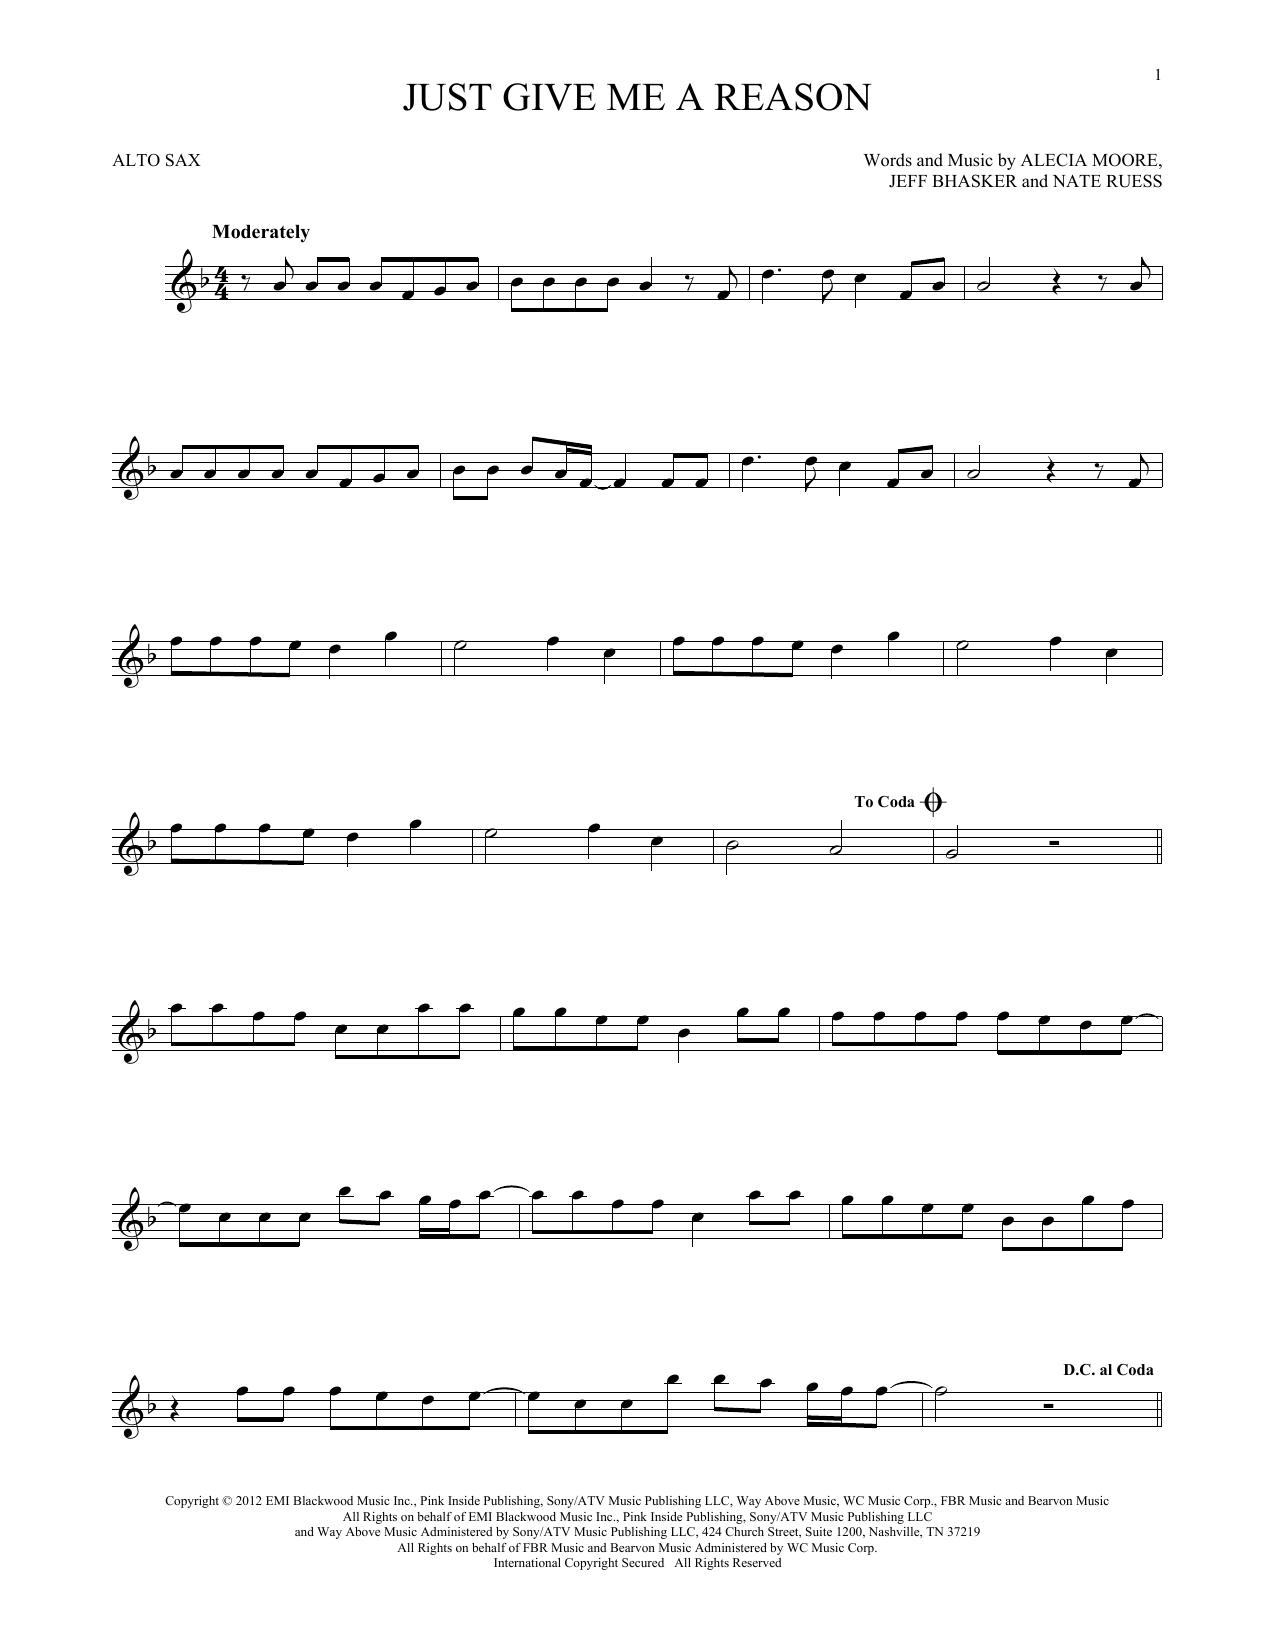 Just Give Me A Reason (Alto Sax Solo)